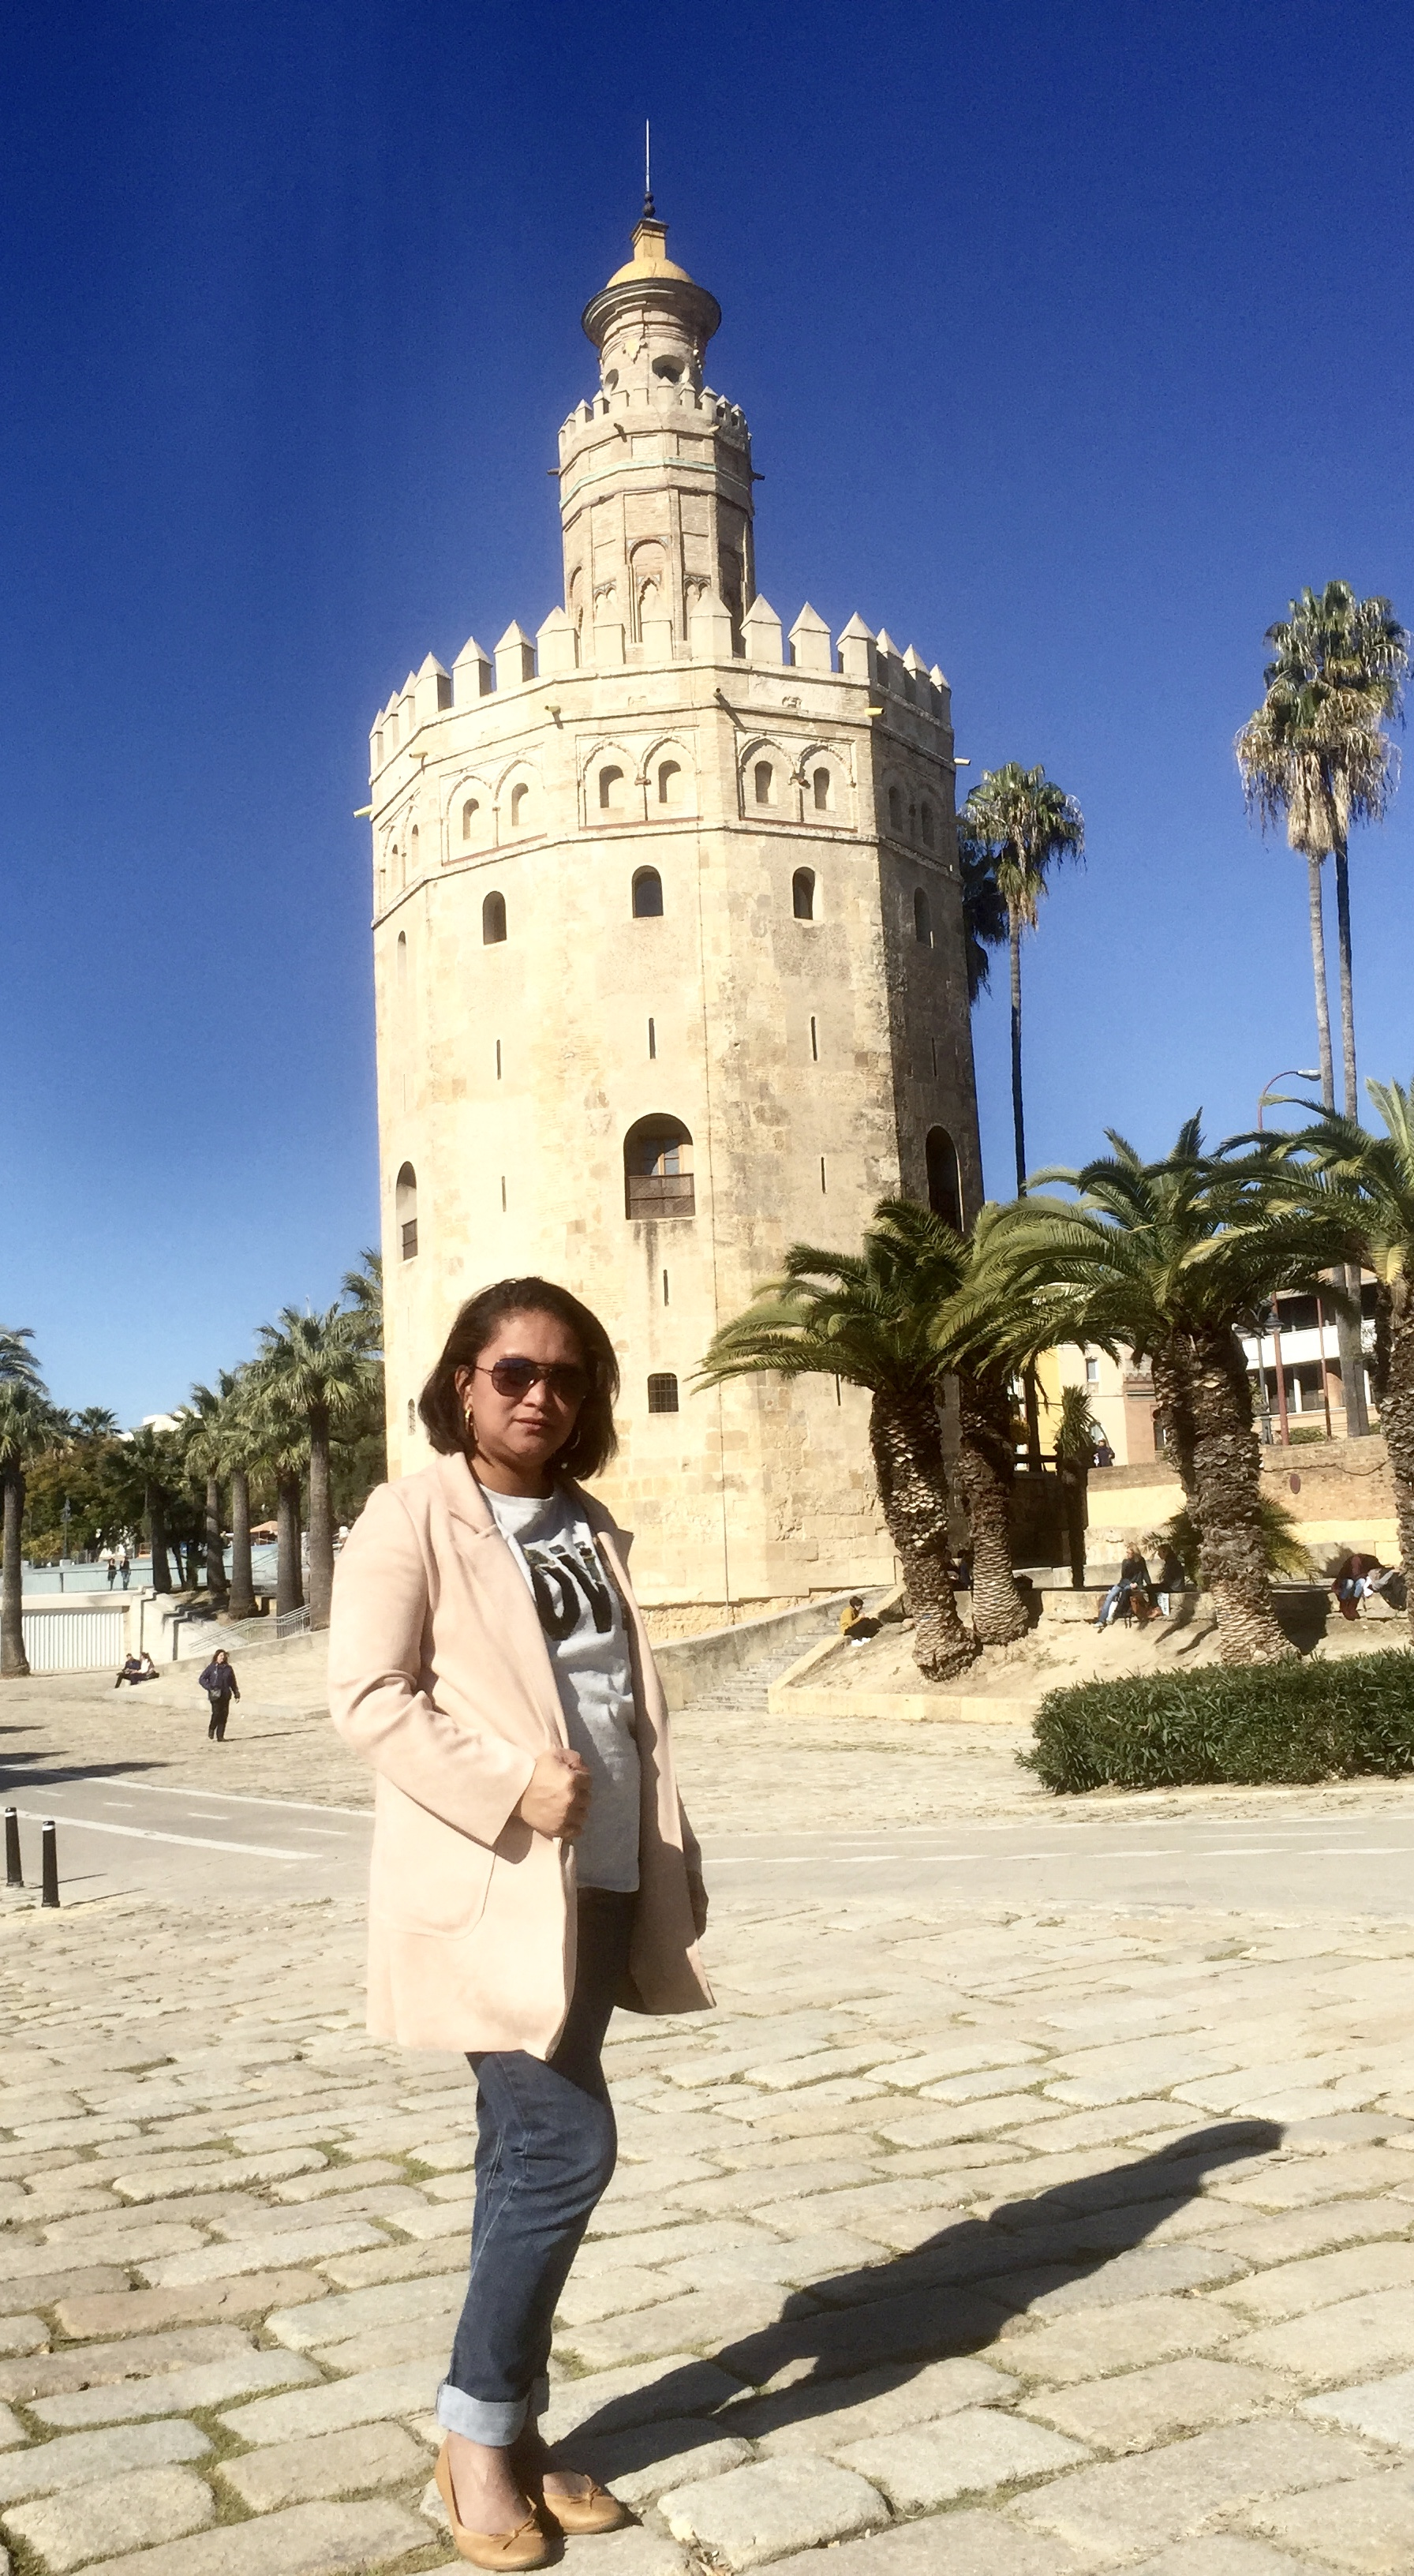 C'était une tour d'observation militaire construite au XIIIe siècle.